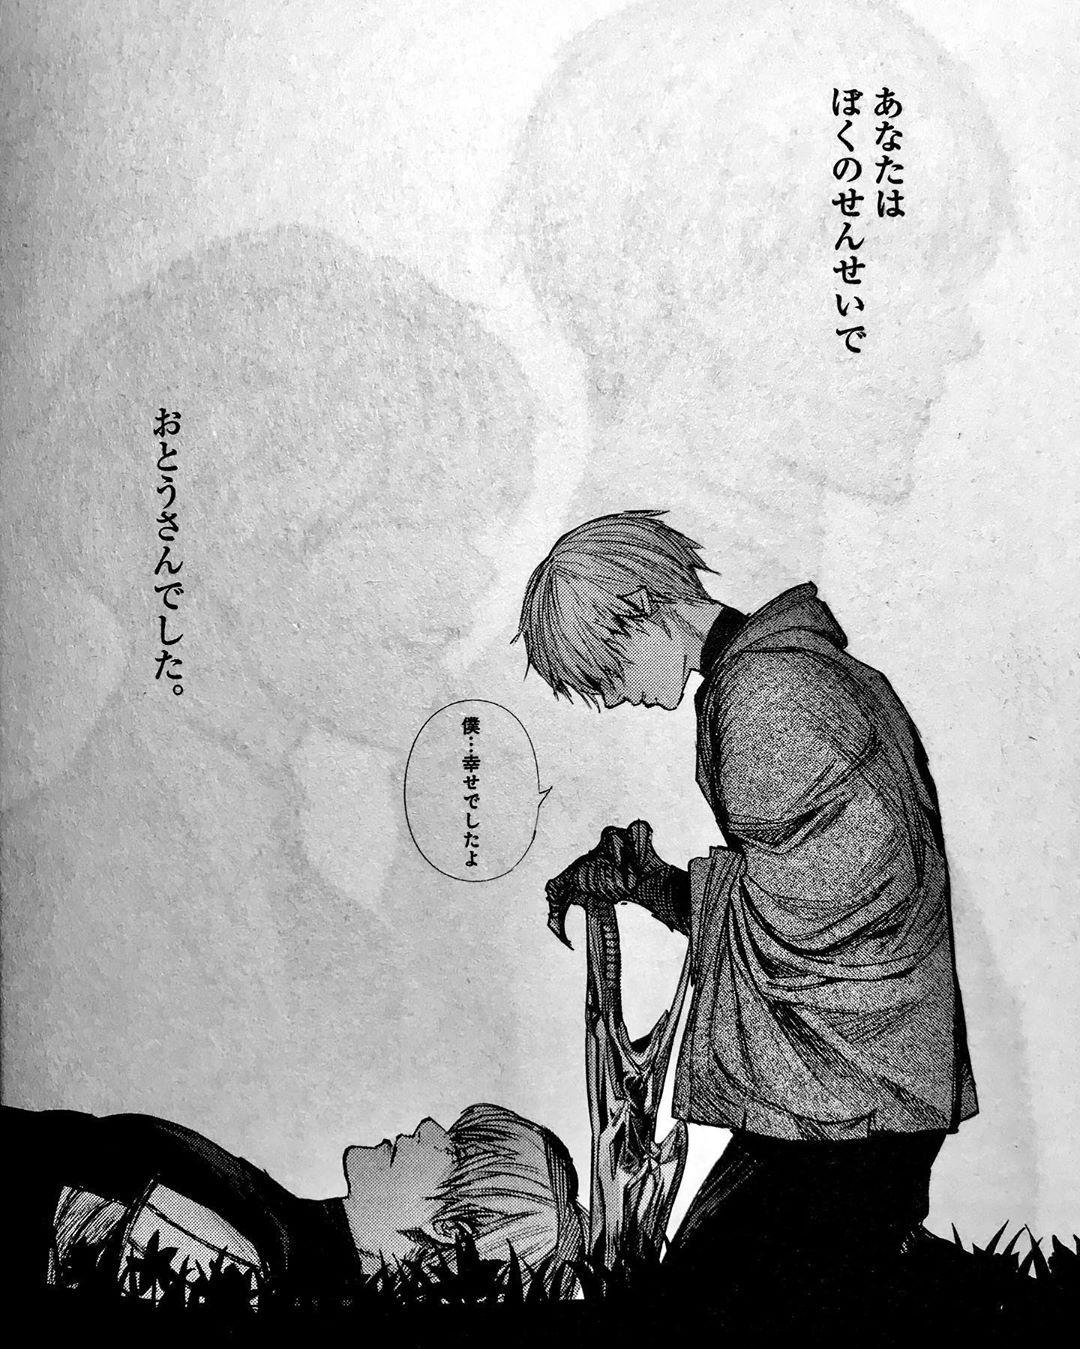 """Saiho on Instagram: """"2人とも最高だよ このページ、透けて2人が見える ..."""